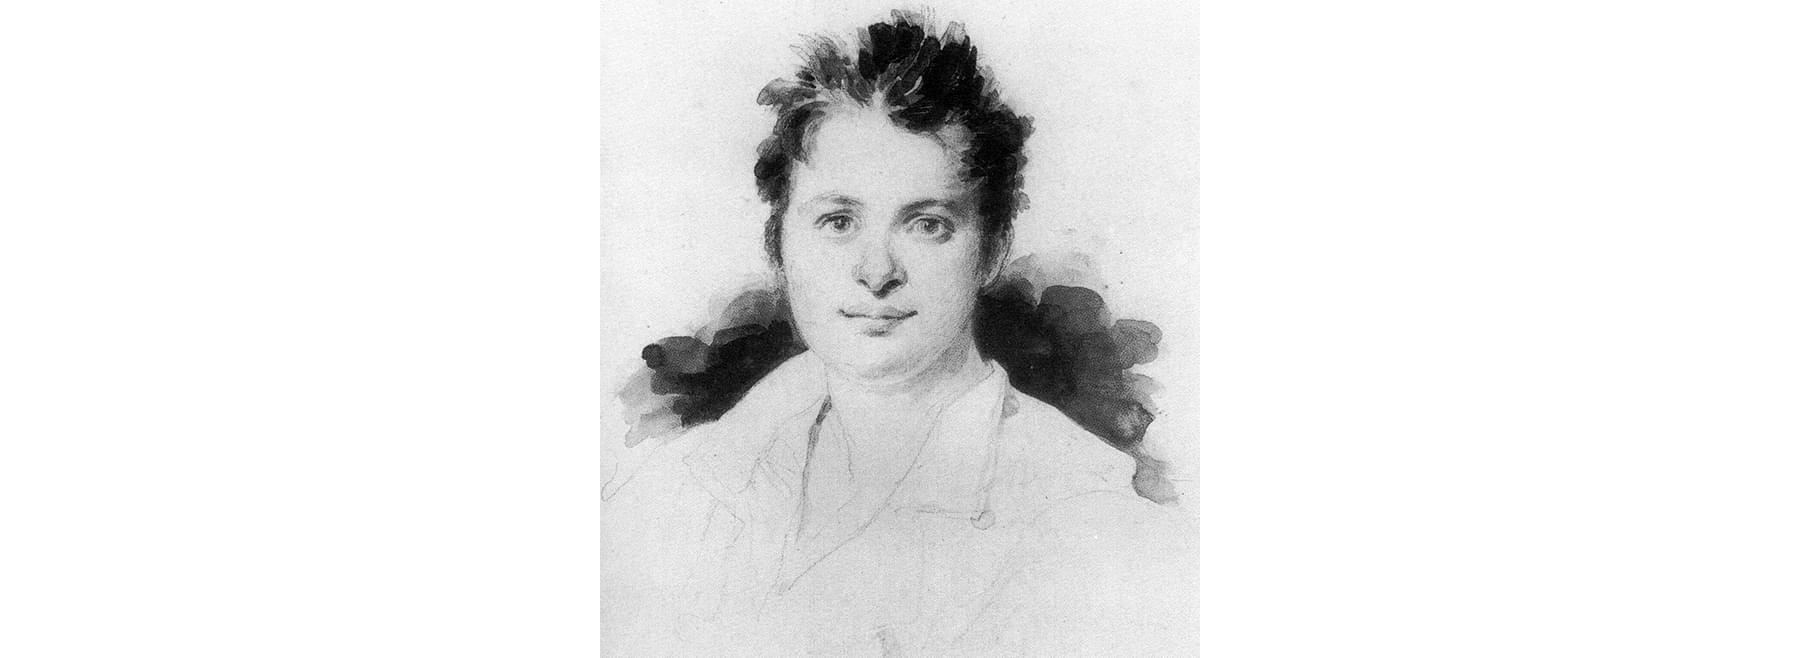 Портрет Оноре деБальзака, Ашиль Девериа (ок. 1825)